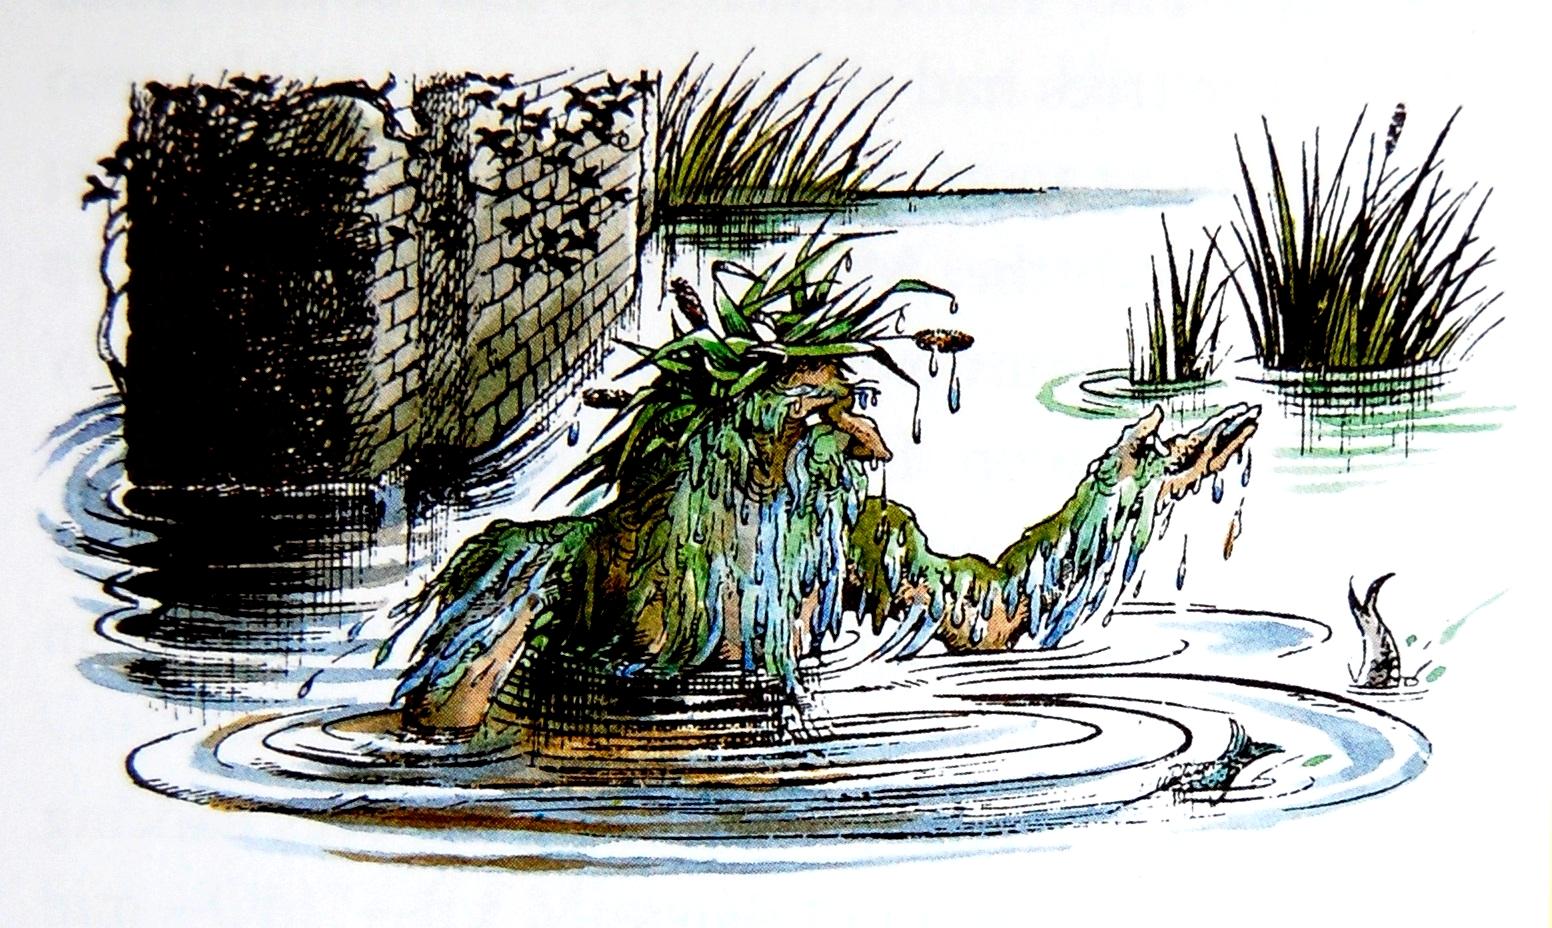 In passato si attribuiva al fiume Gela la figura di un Dio, poiché questo era indispensabile per la regione